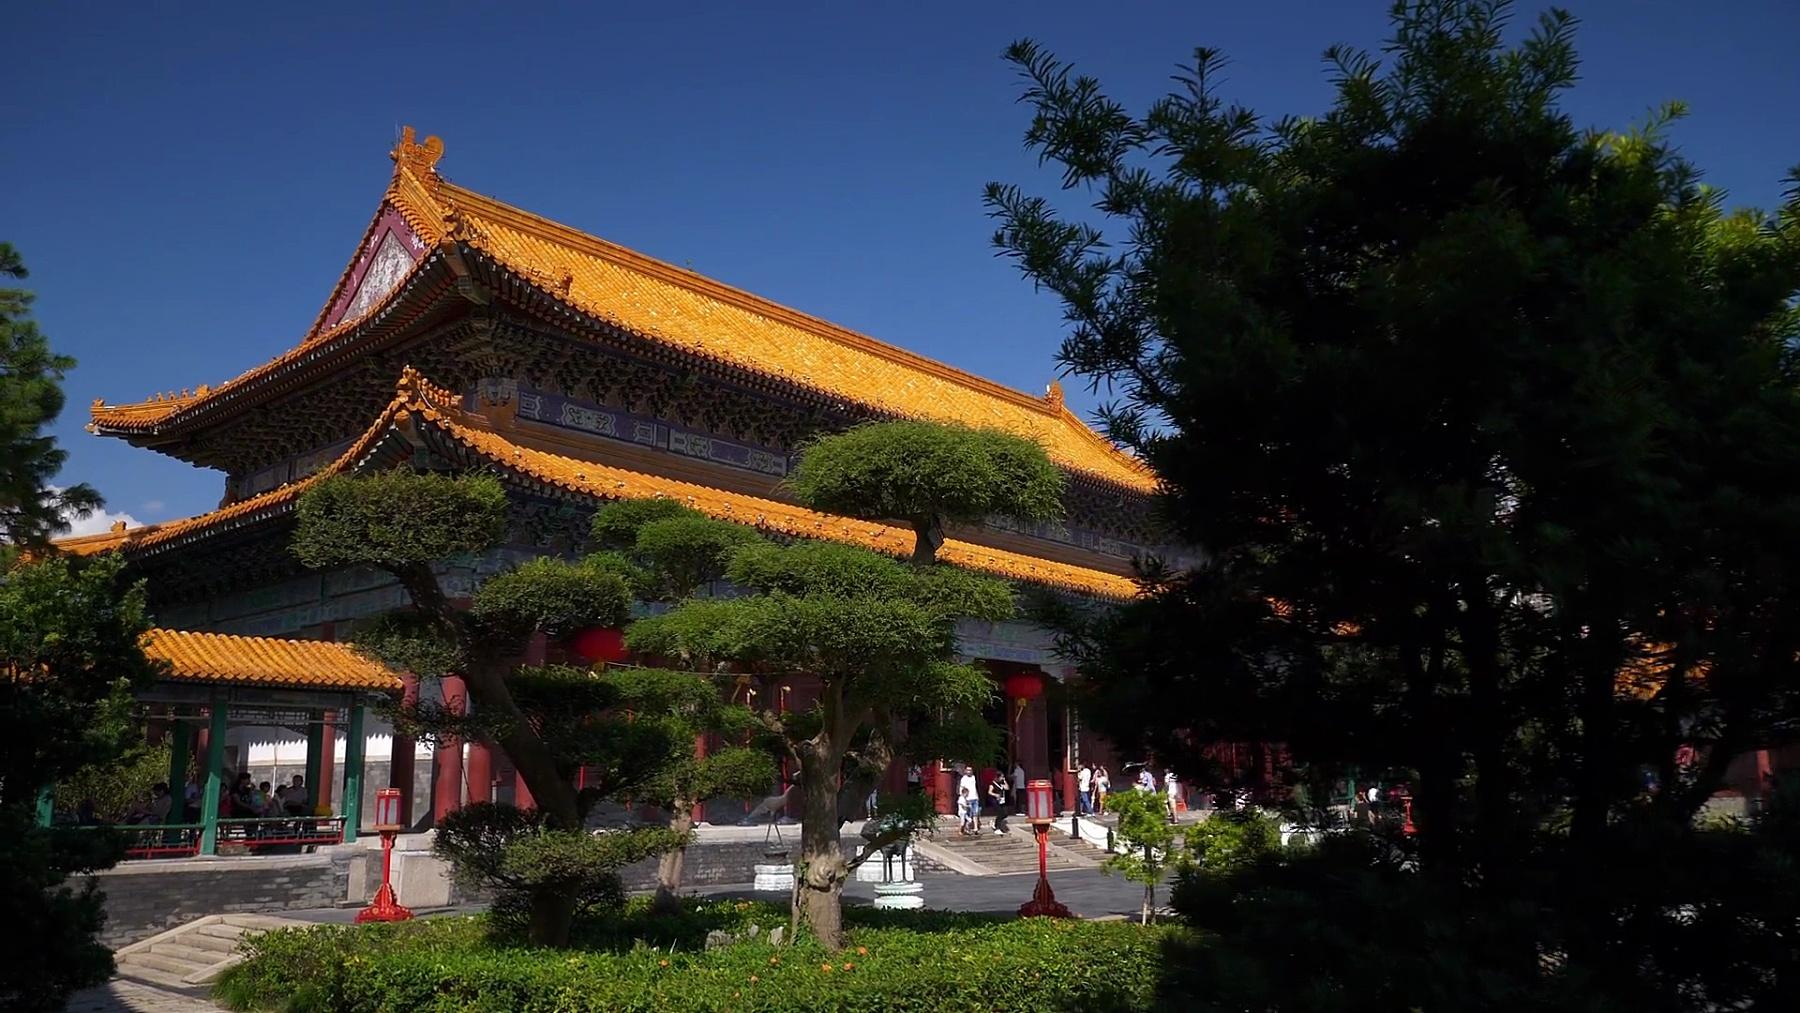 晴天珠海市公园庙前慢动作全景图 中国